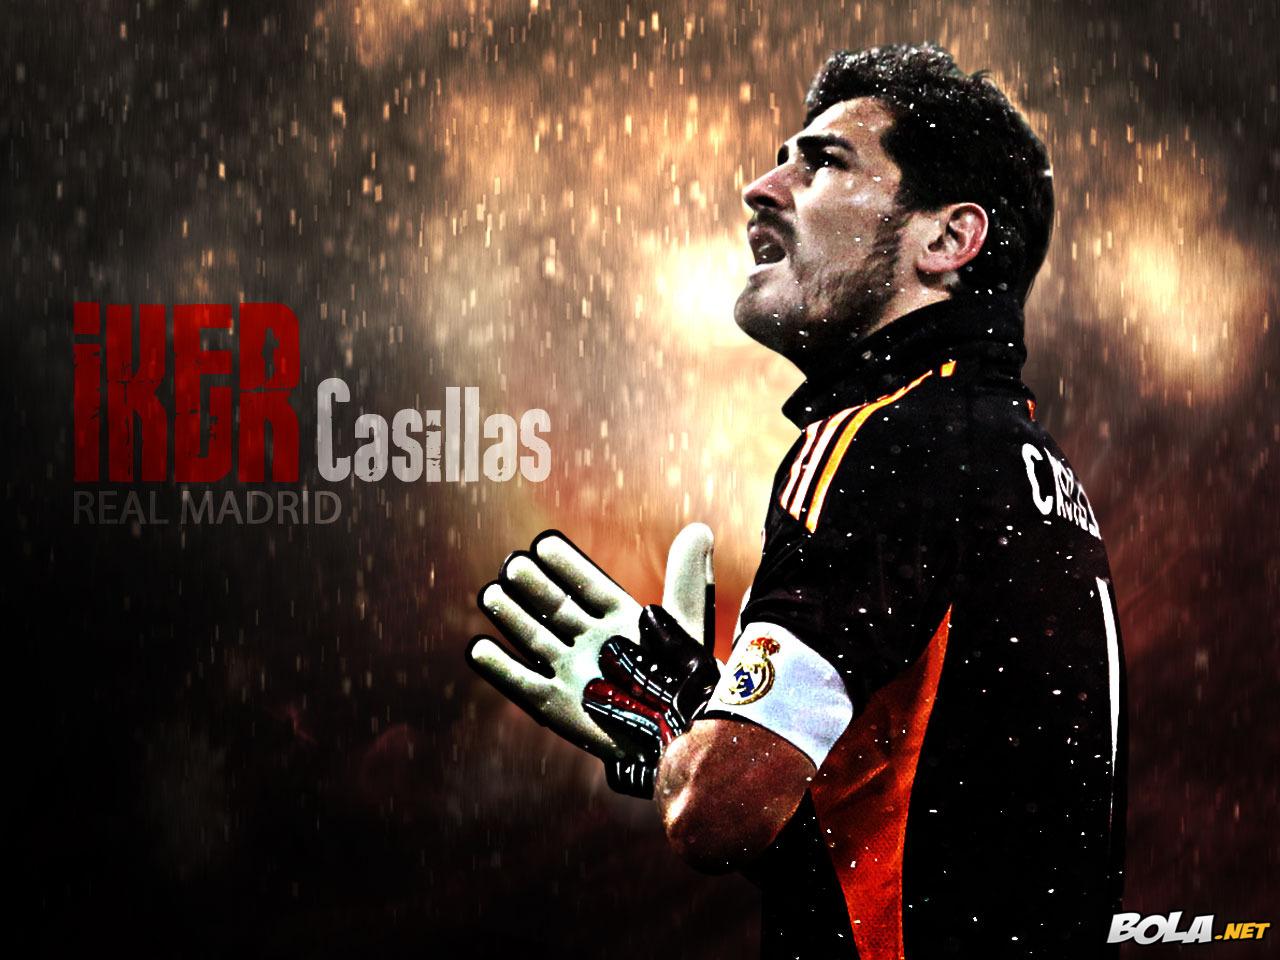 Descargar Imagenes De Iker Casillas